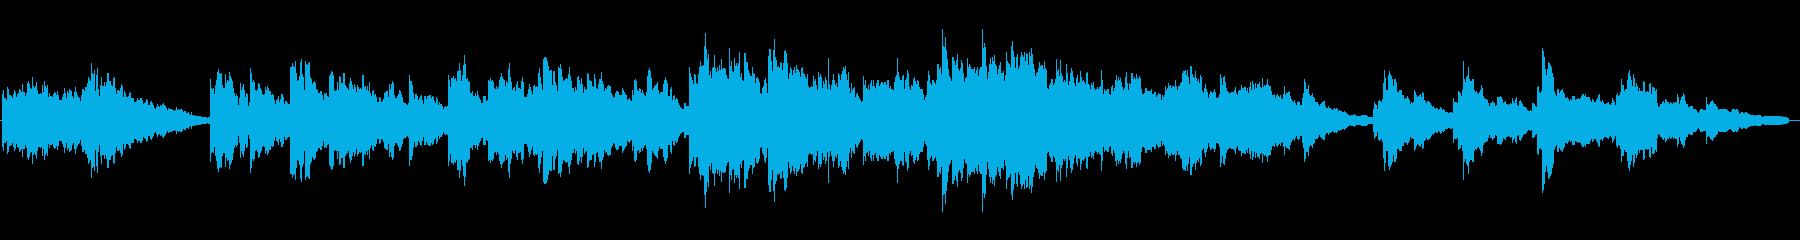 感動、切ないシーンなどバラード調BGMの再生済みの波形